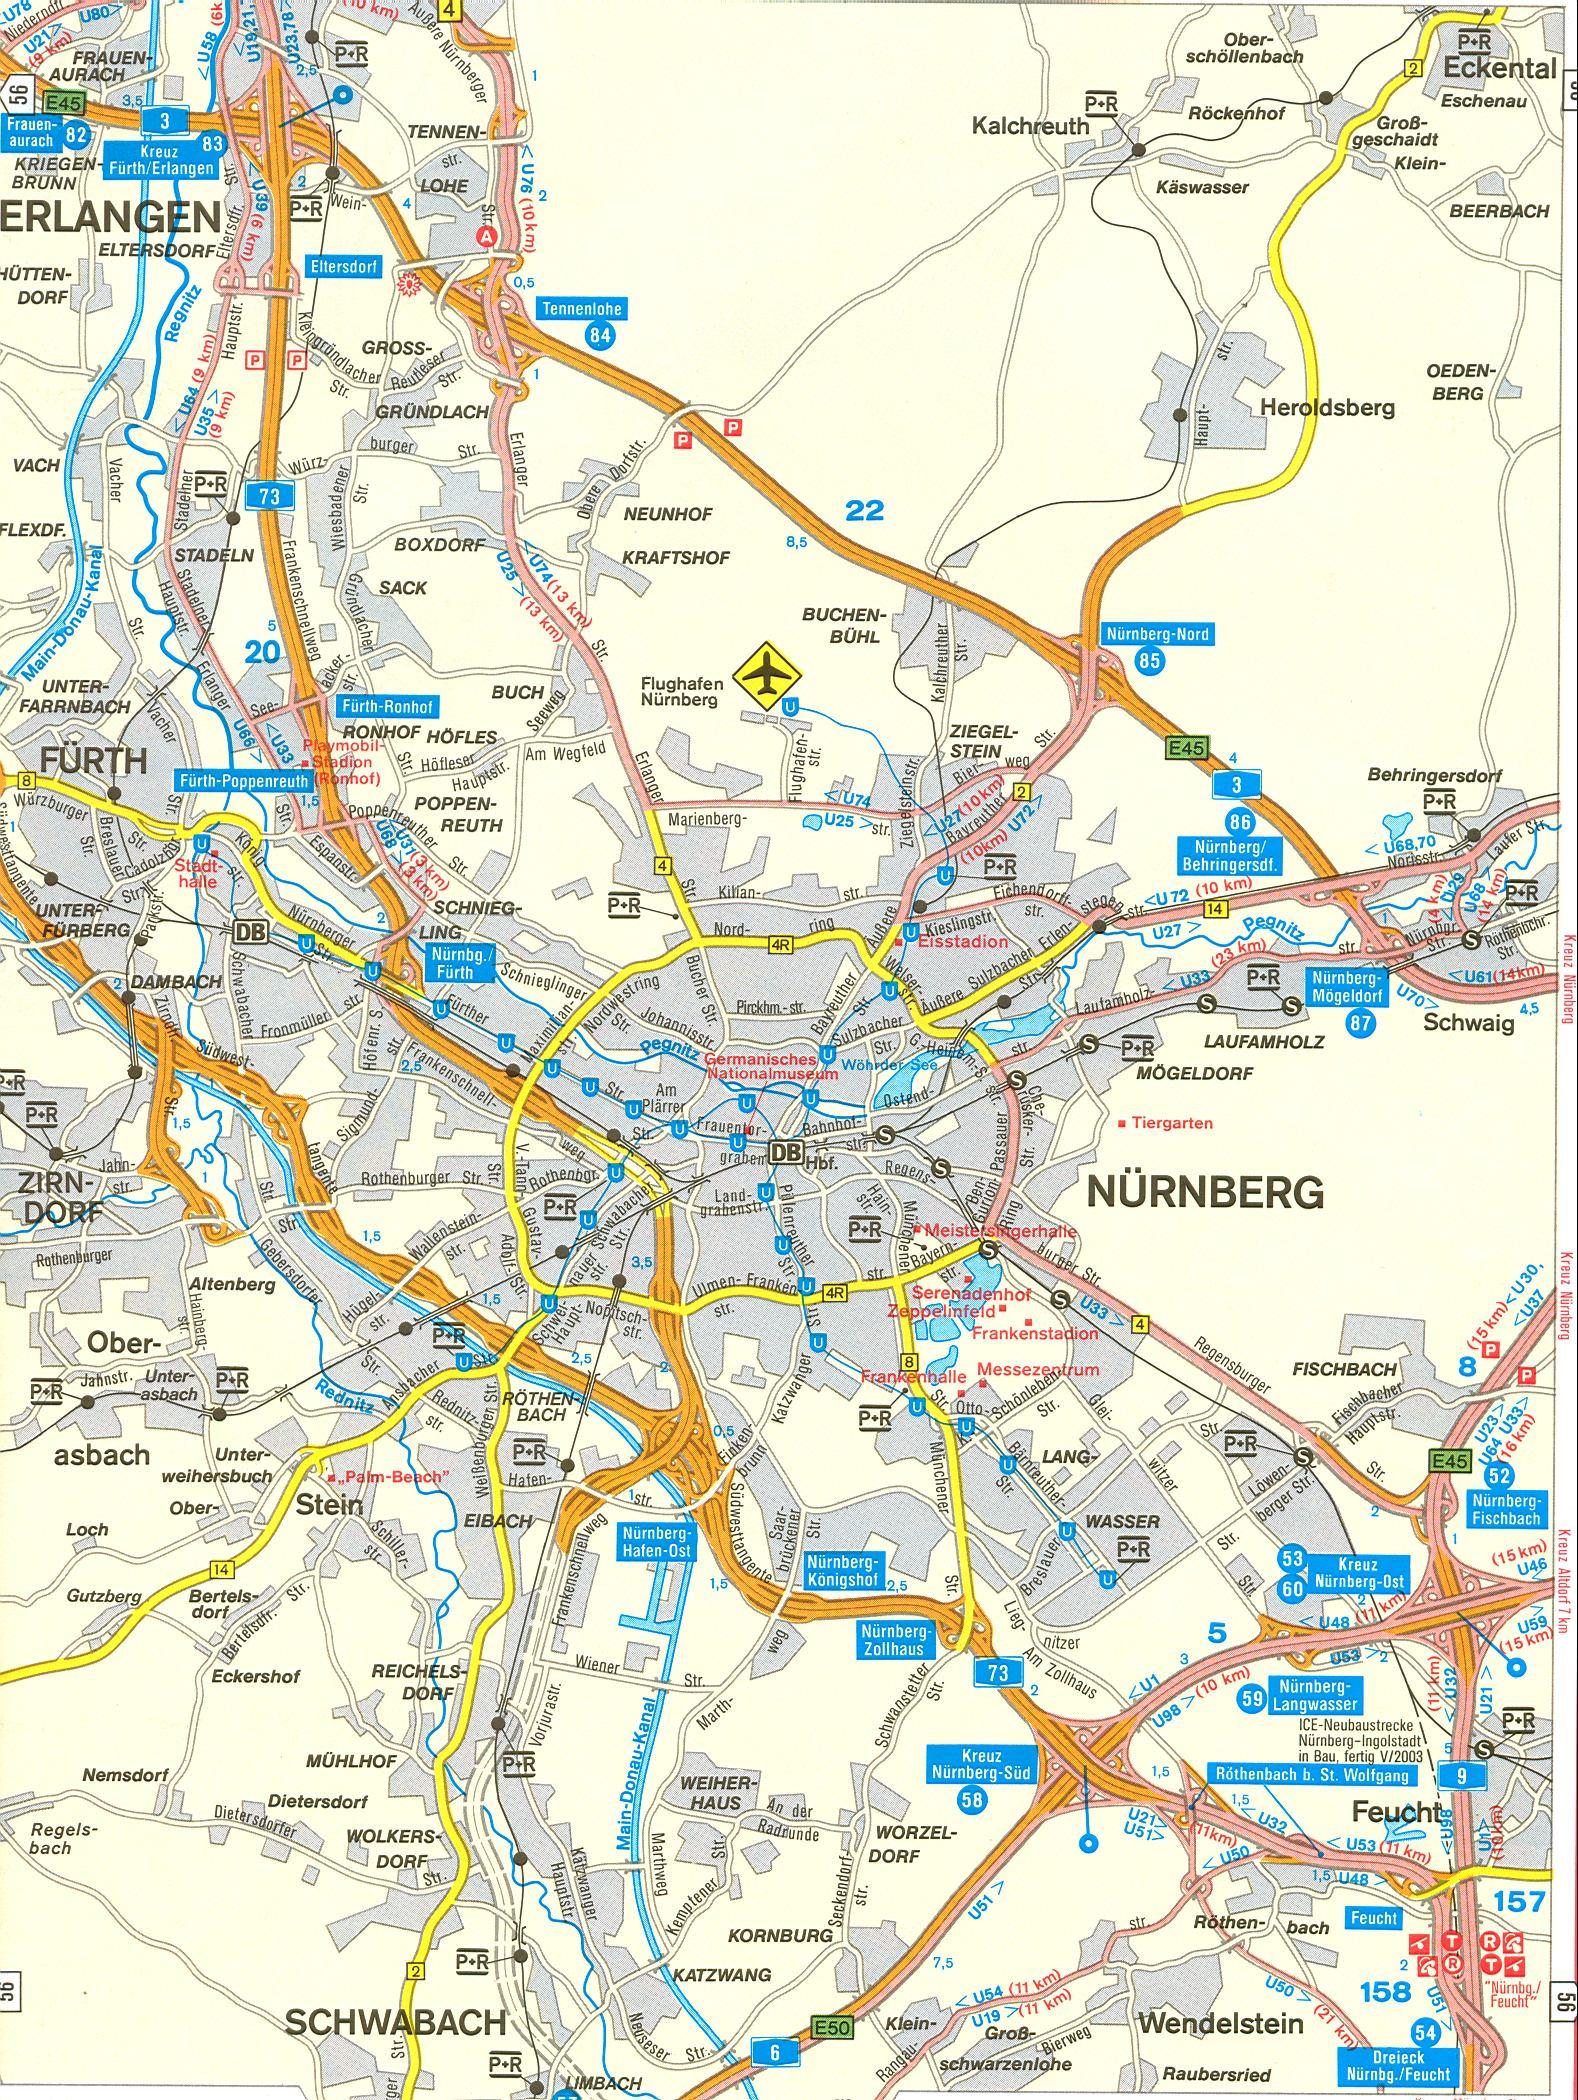 Карта схема автомобильных дорог Нюрнберга.  Скачать бесплатно карту.